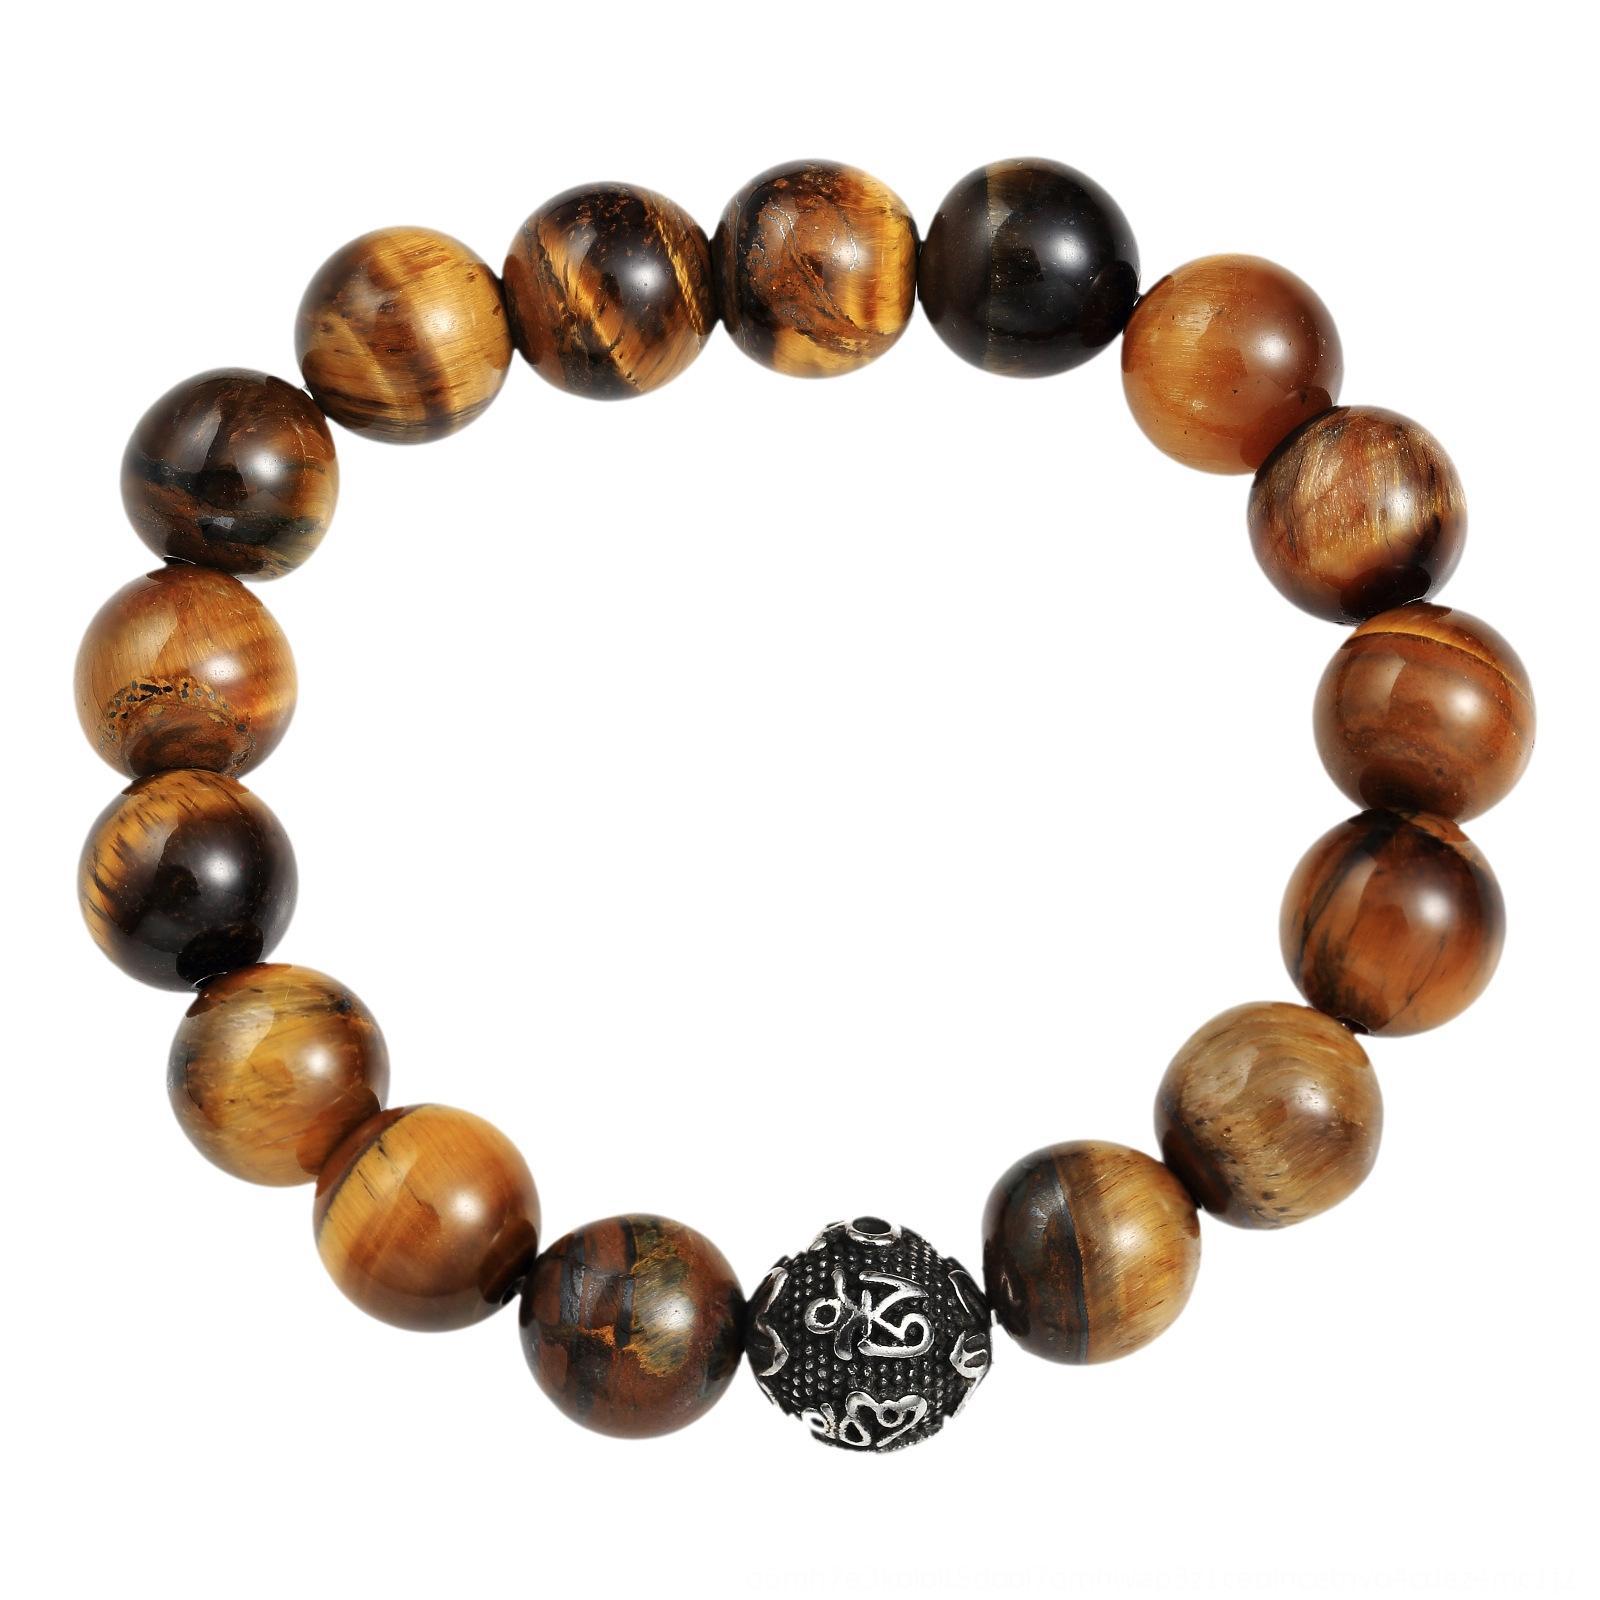 sXJrn Мода ювелирные изделия мужские и женские камень тигровый глаз Будды бисер бисера браслет вулканический камень передачи браслет